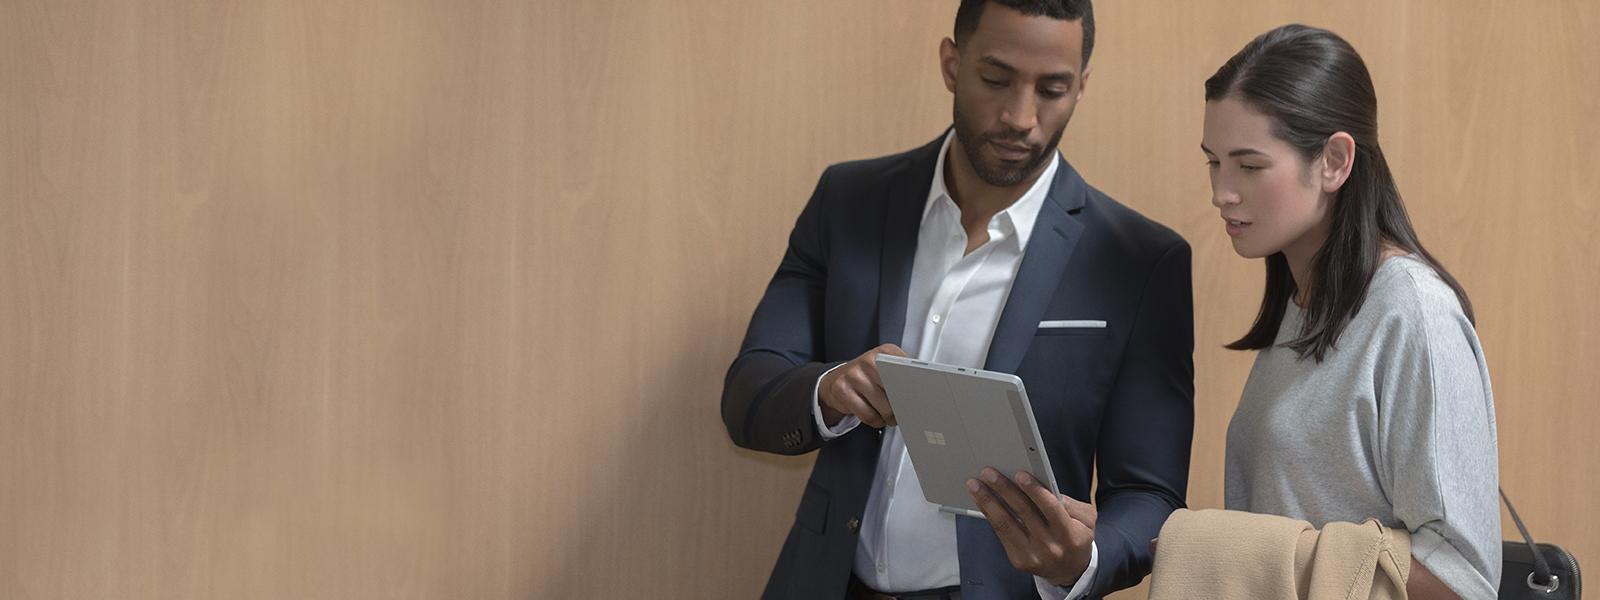 商界男人和女人在走廊看著 Surface Go